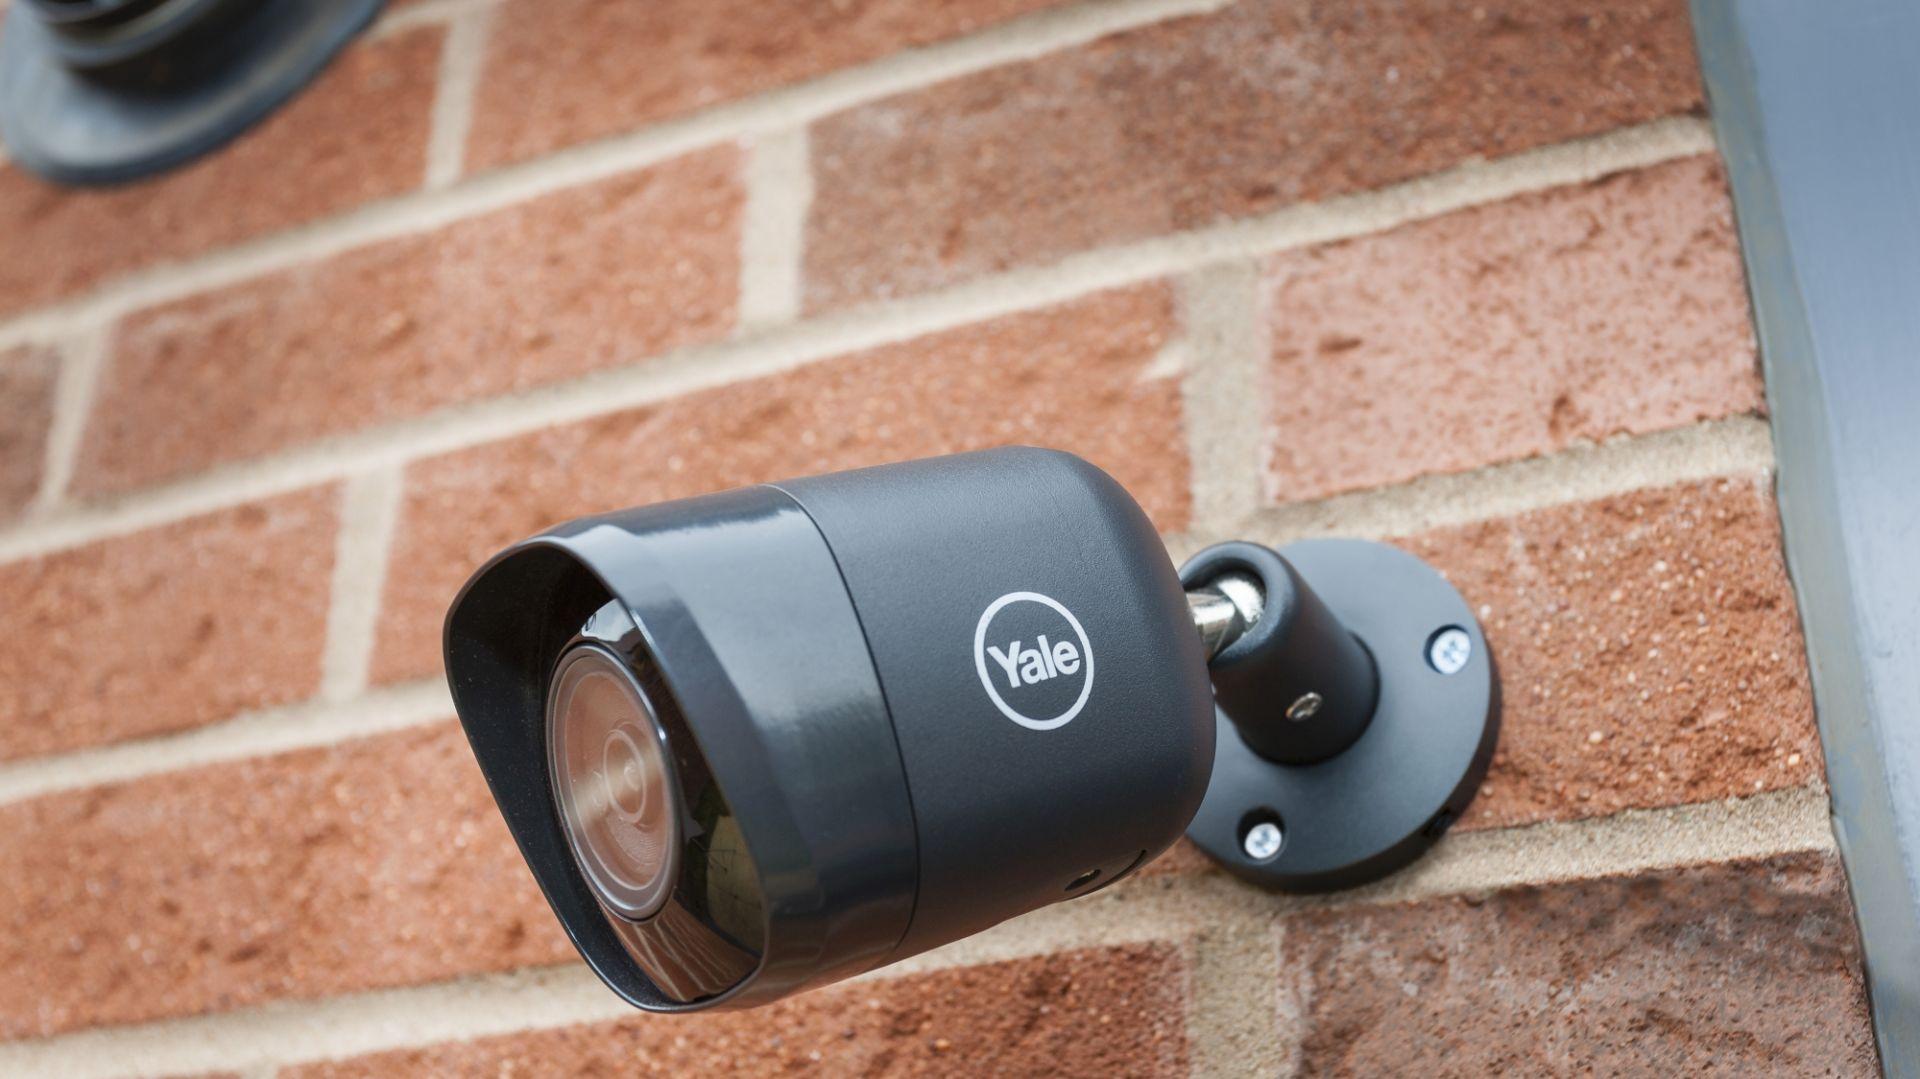 System monitoringu domowego - kamera zewnętrzna. Fot. Yale